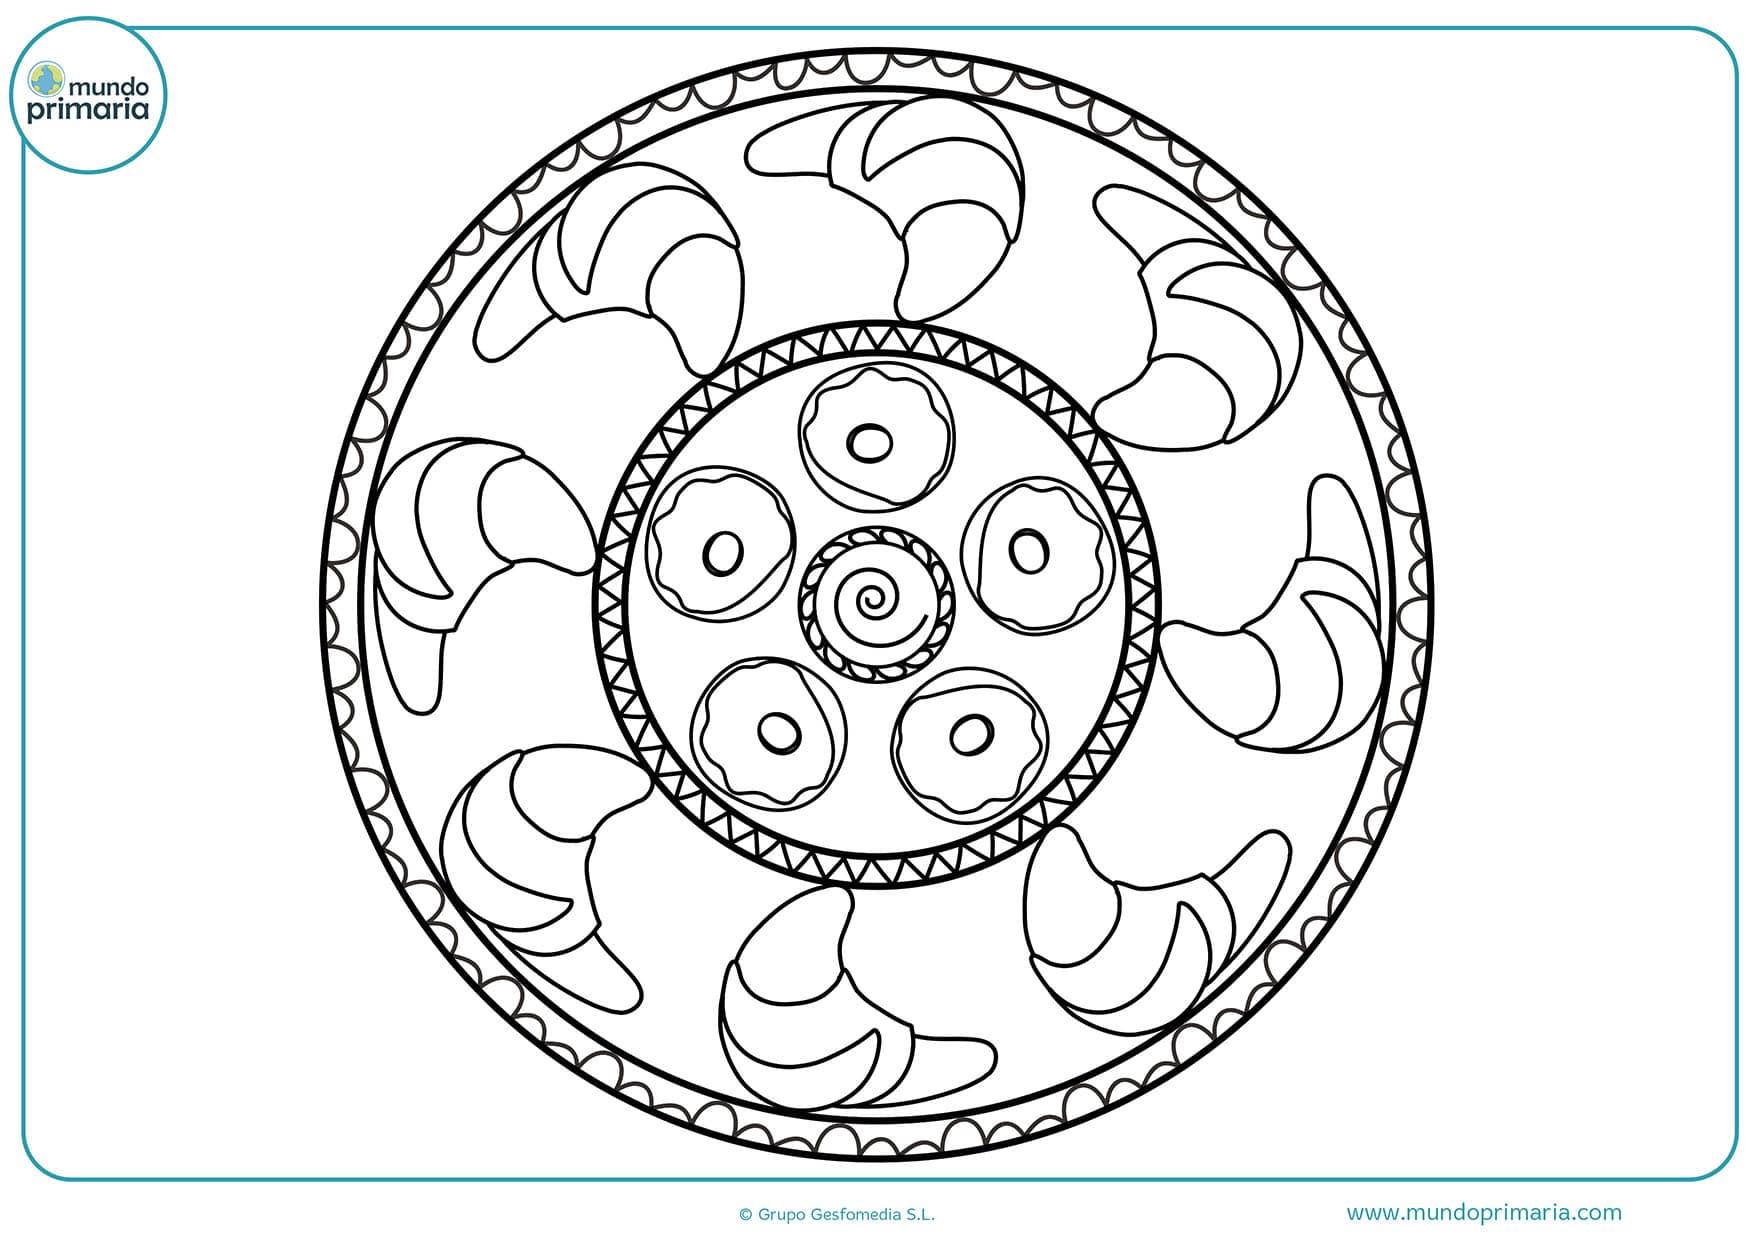 Dibujos De Mandalas Para Colorear Para Niños